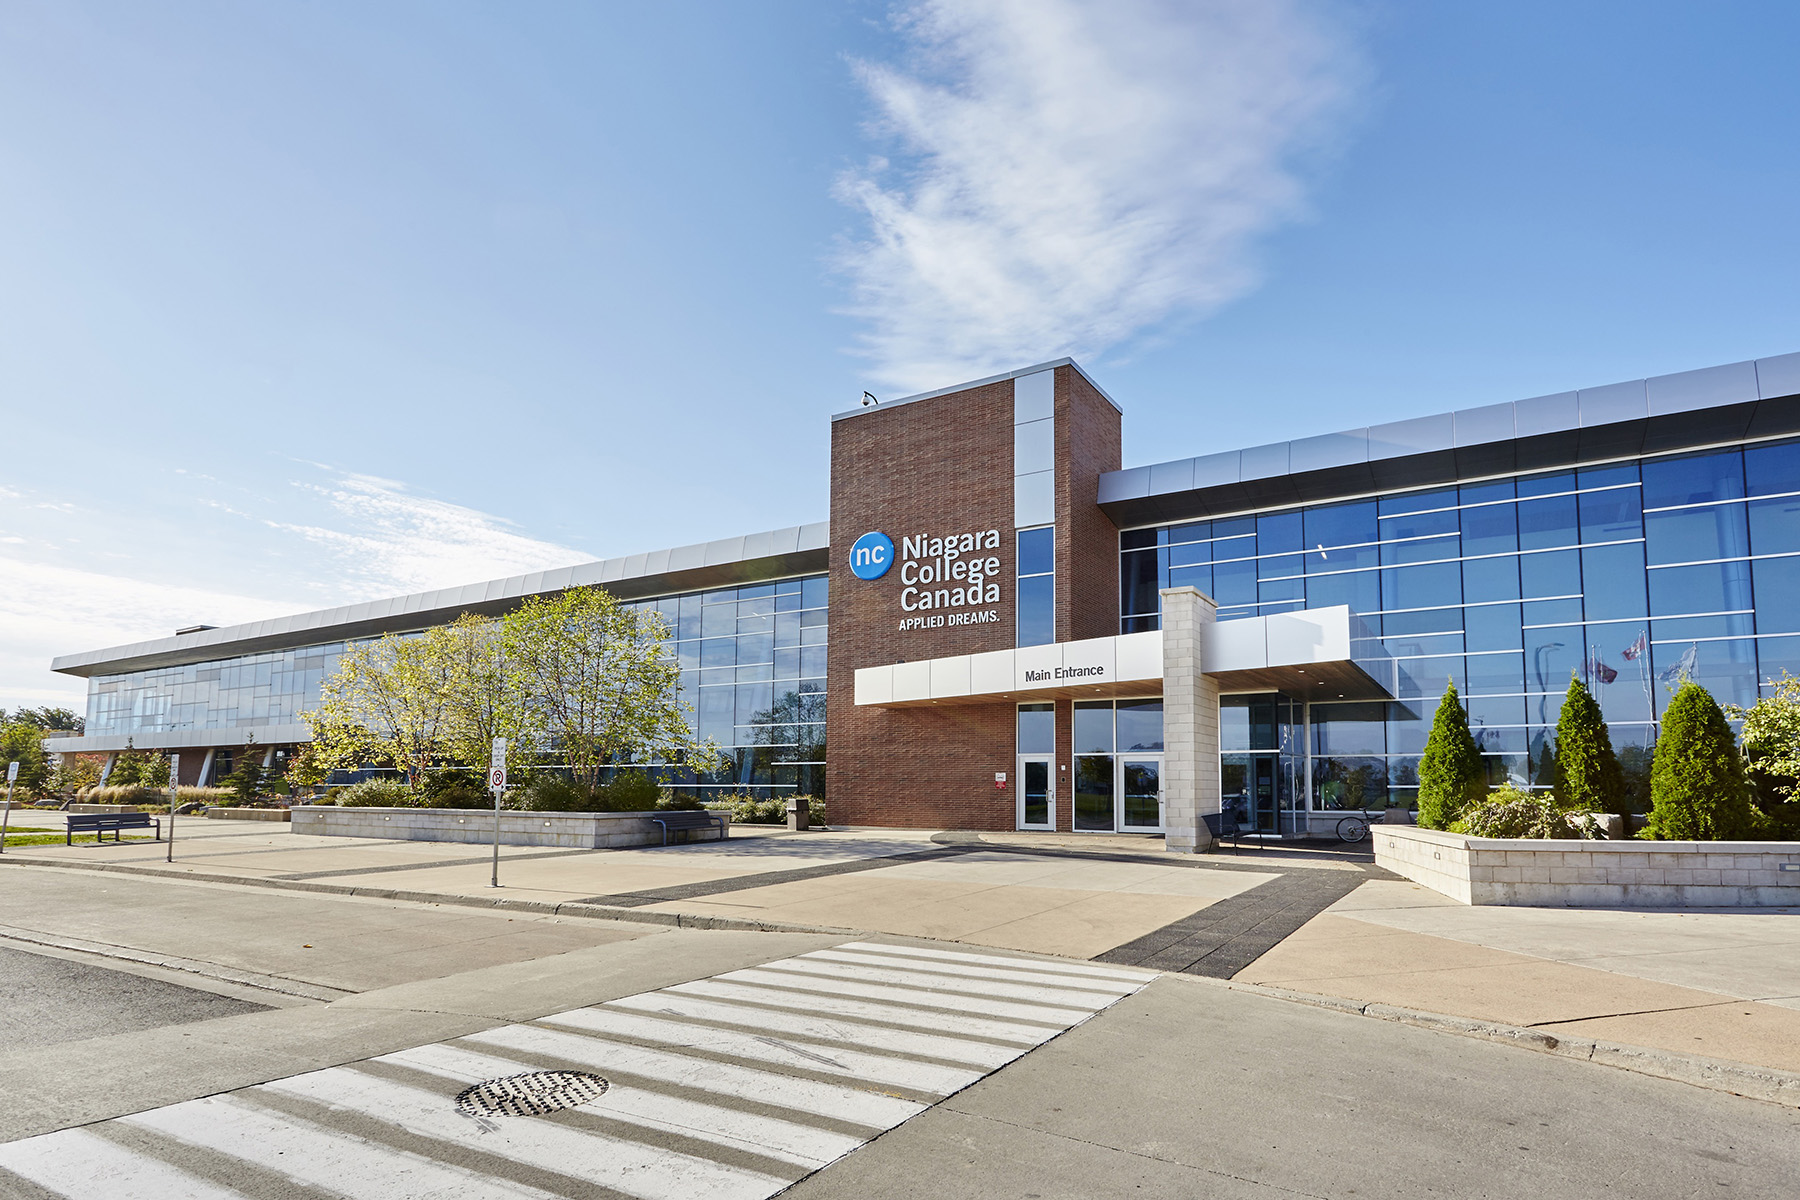 Chương trình học tại Niagara College đa dạng với nhiều chuyên ngành